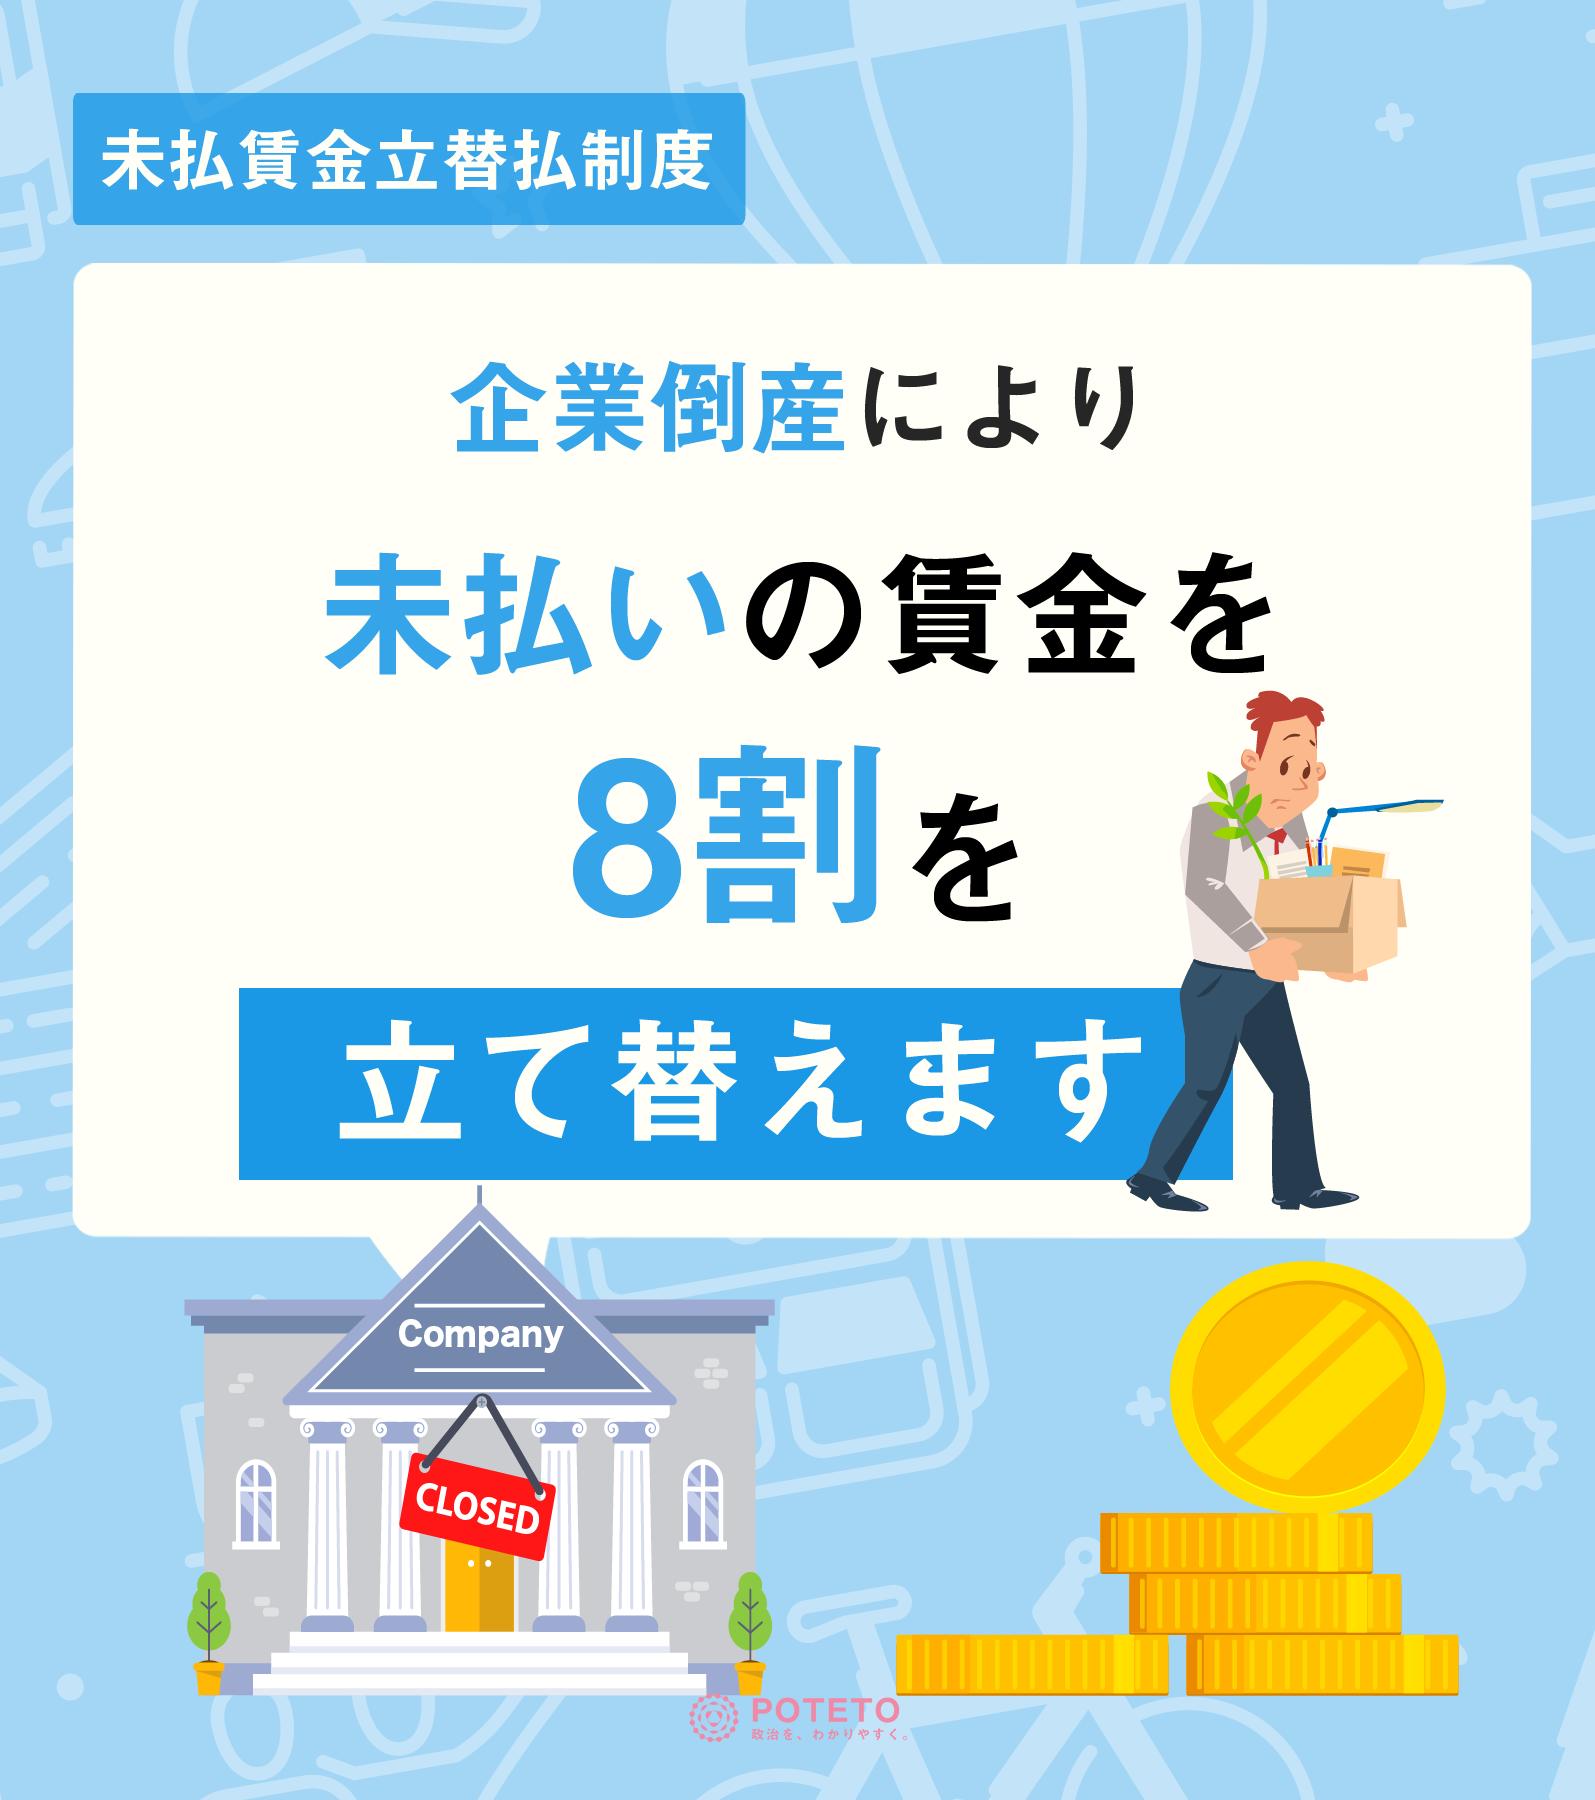 9 1未払賃金立替払制度 - 【お勤め先が倒産した方へ】会社倒産した時の未払賃金の8割がもらえます!